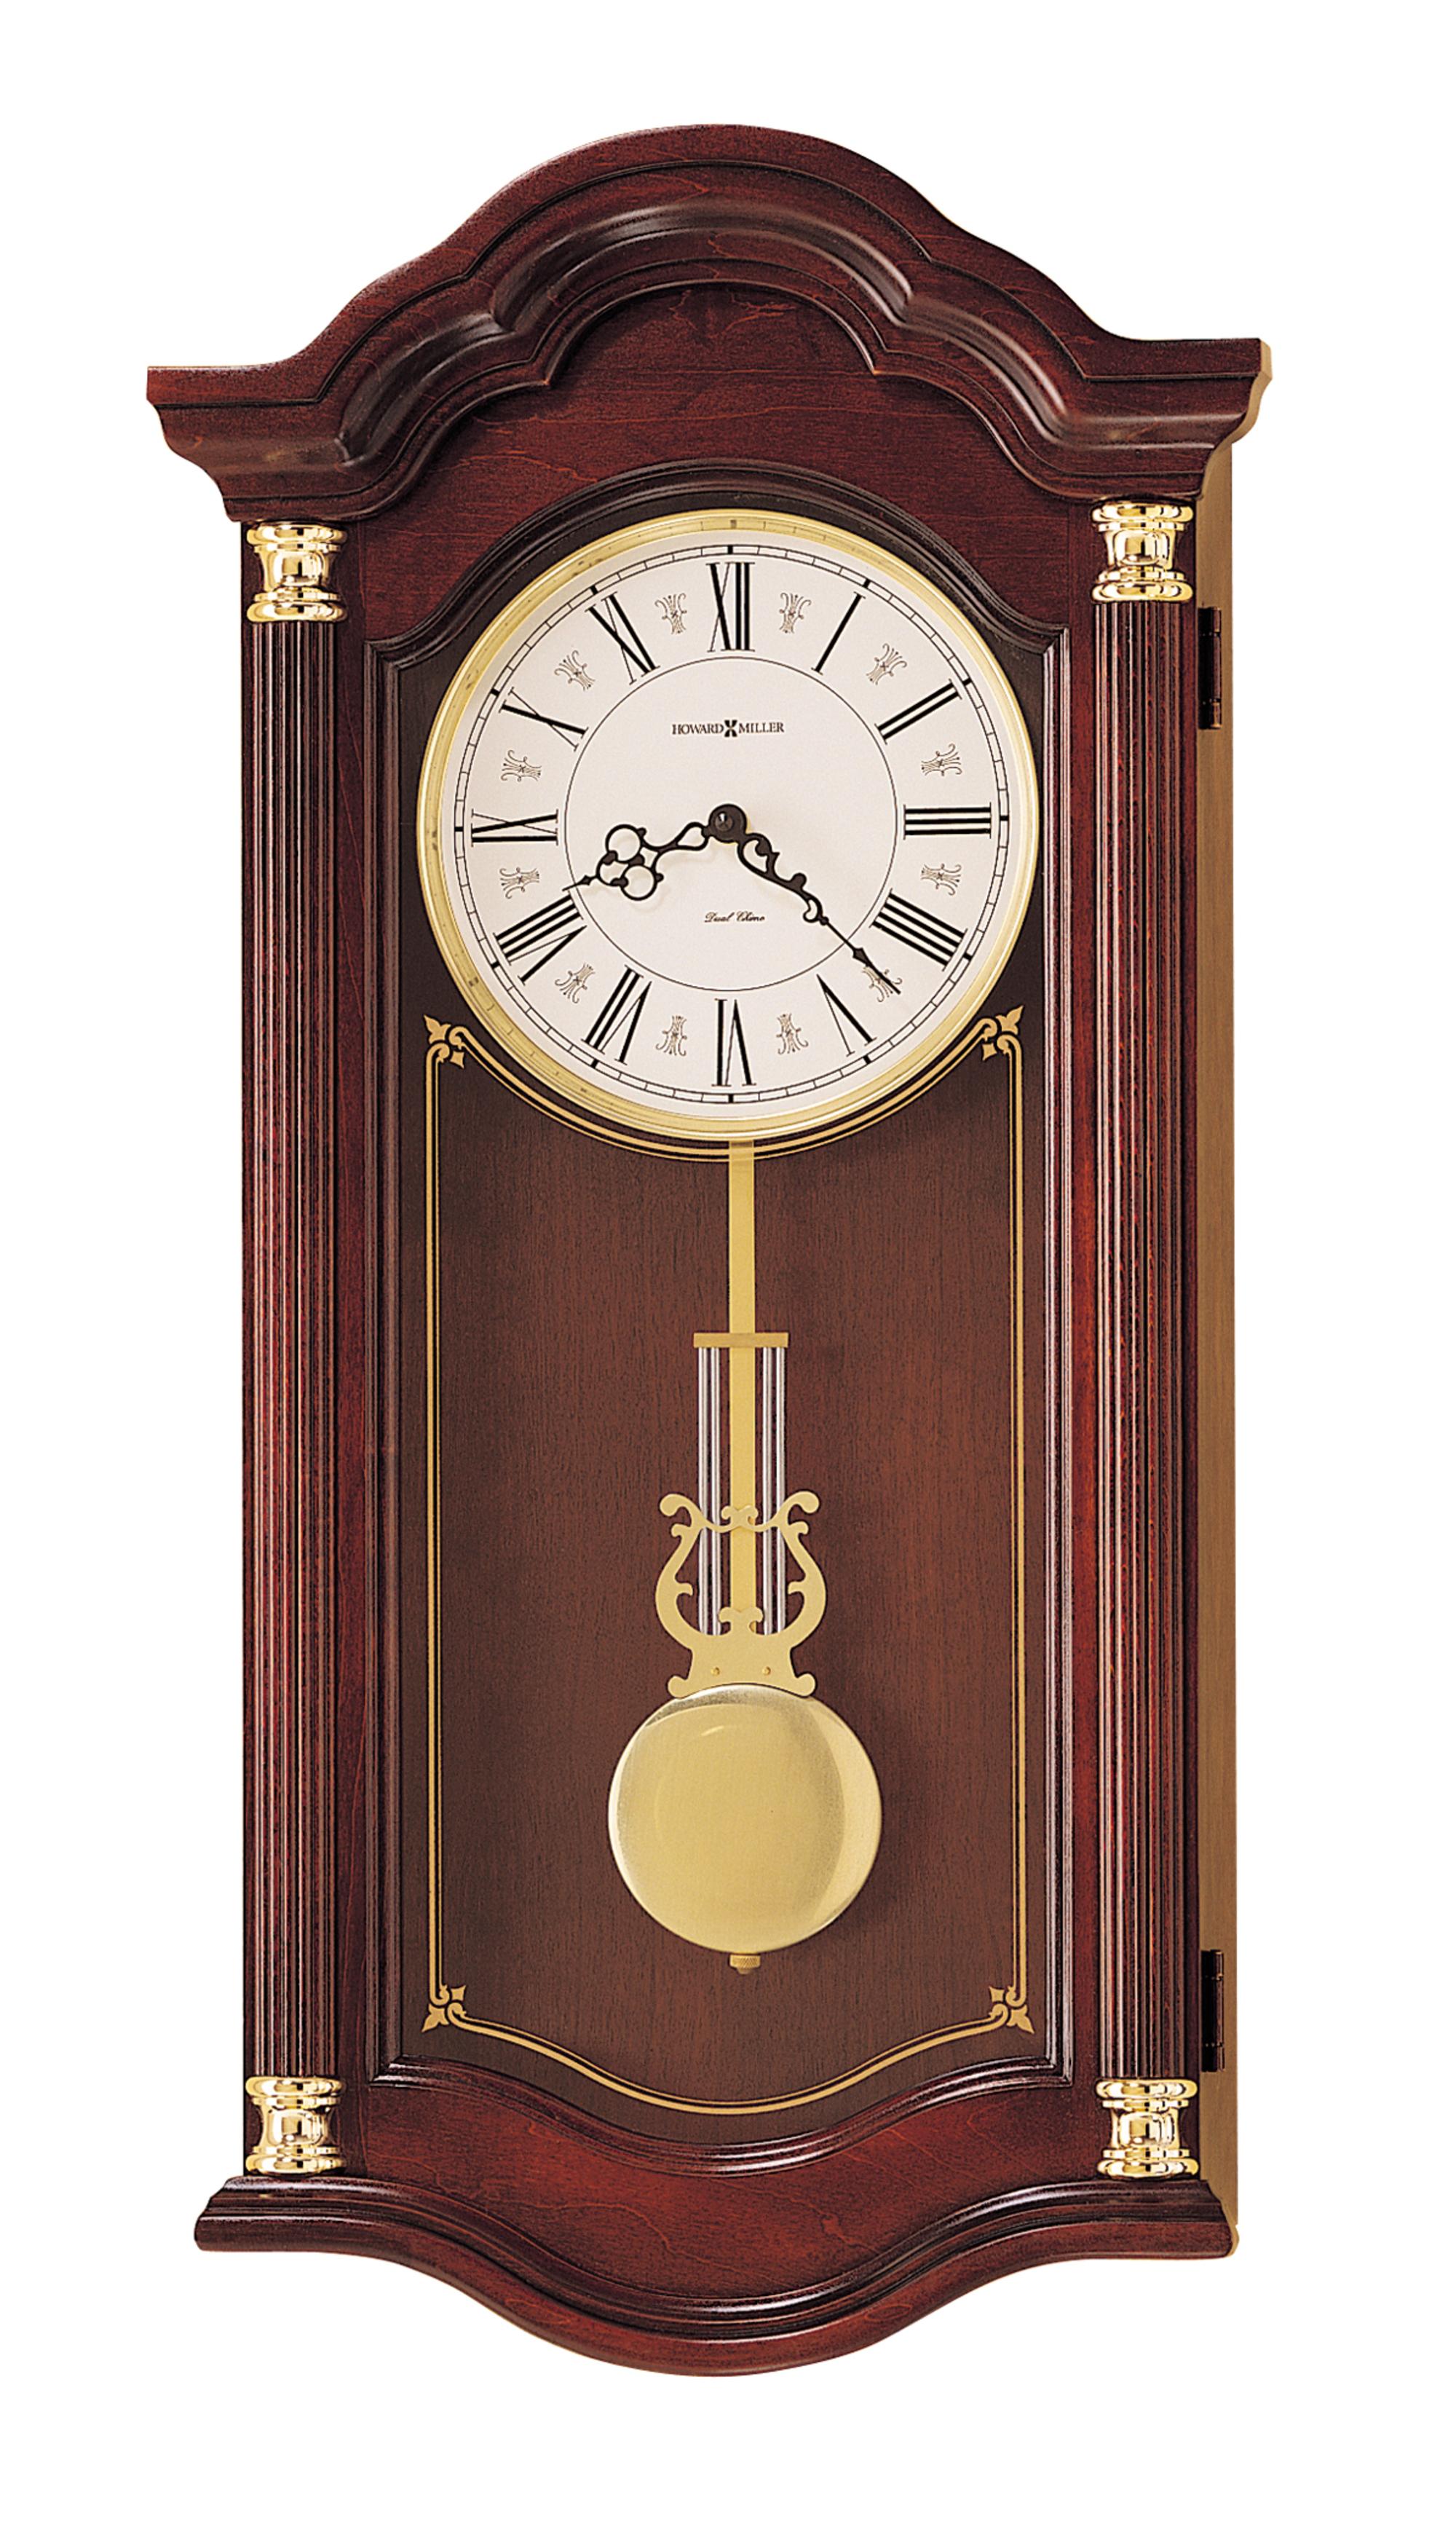 Howard Miller Lambourn Wall Clock at 1-800-4Clocks.com